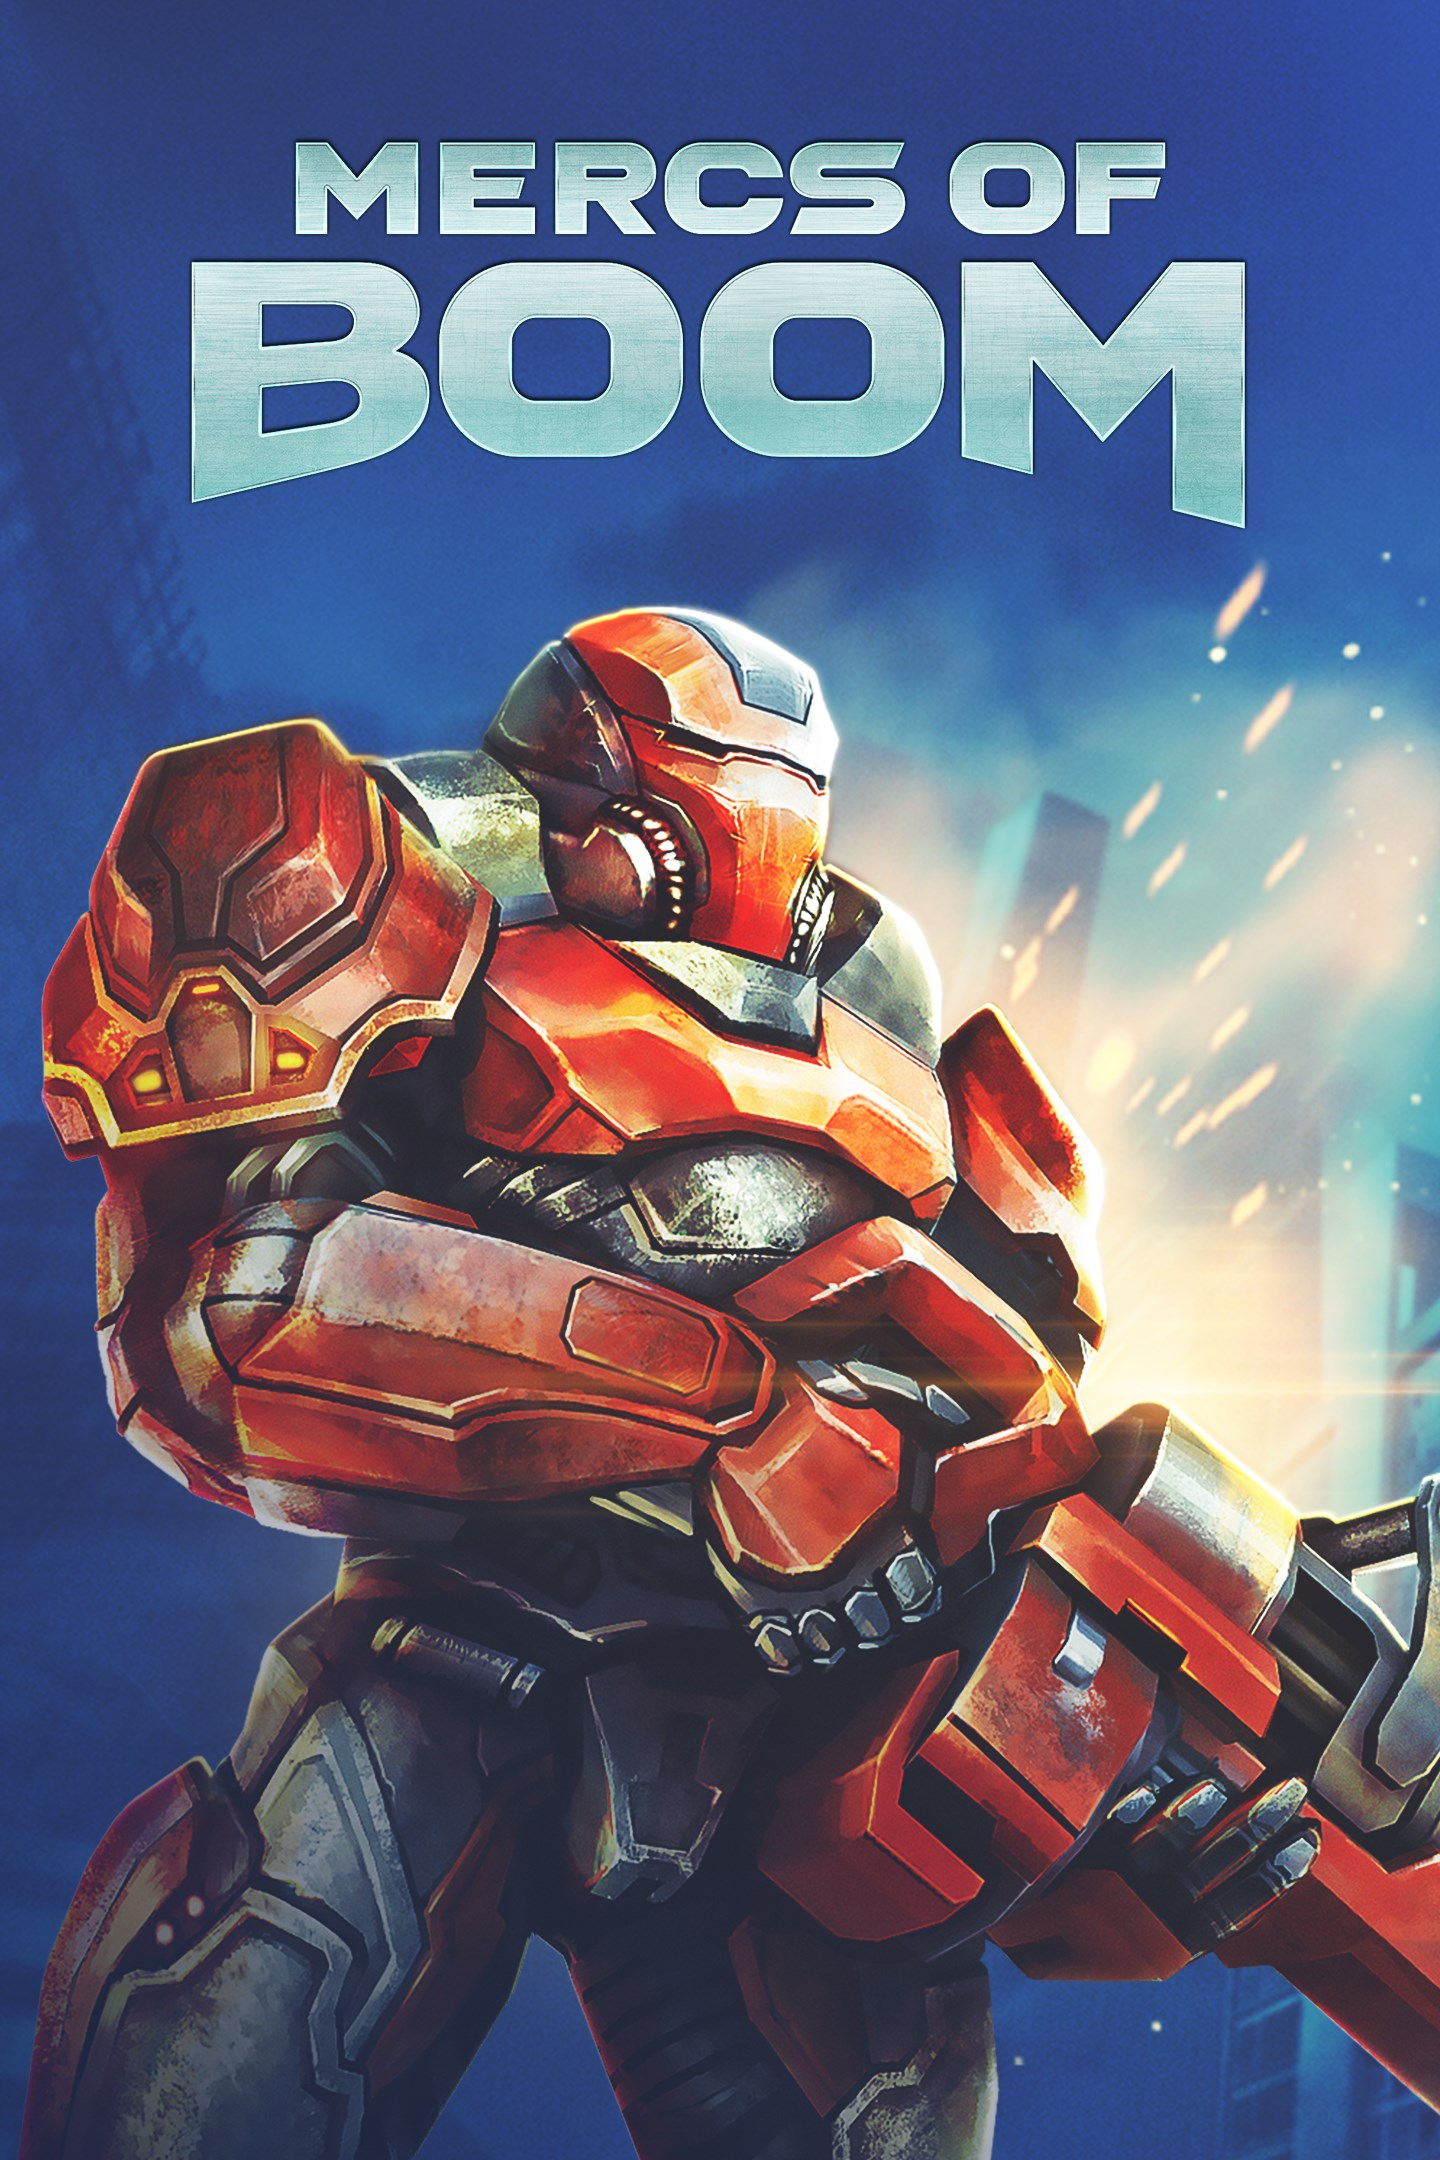 Get Mercs of Boom - Microsoft Store